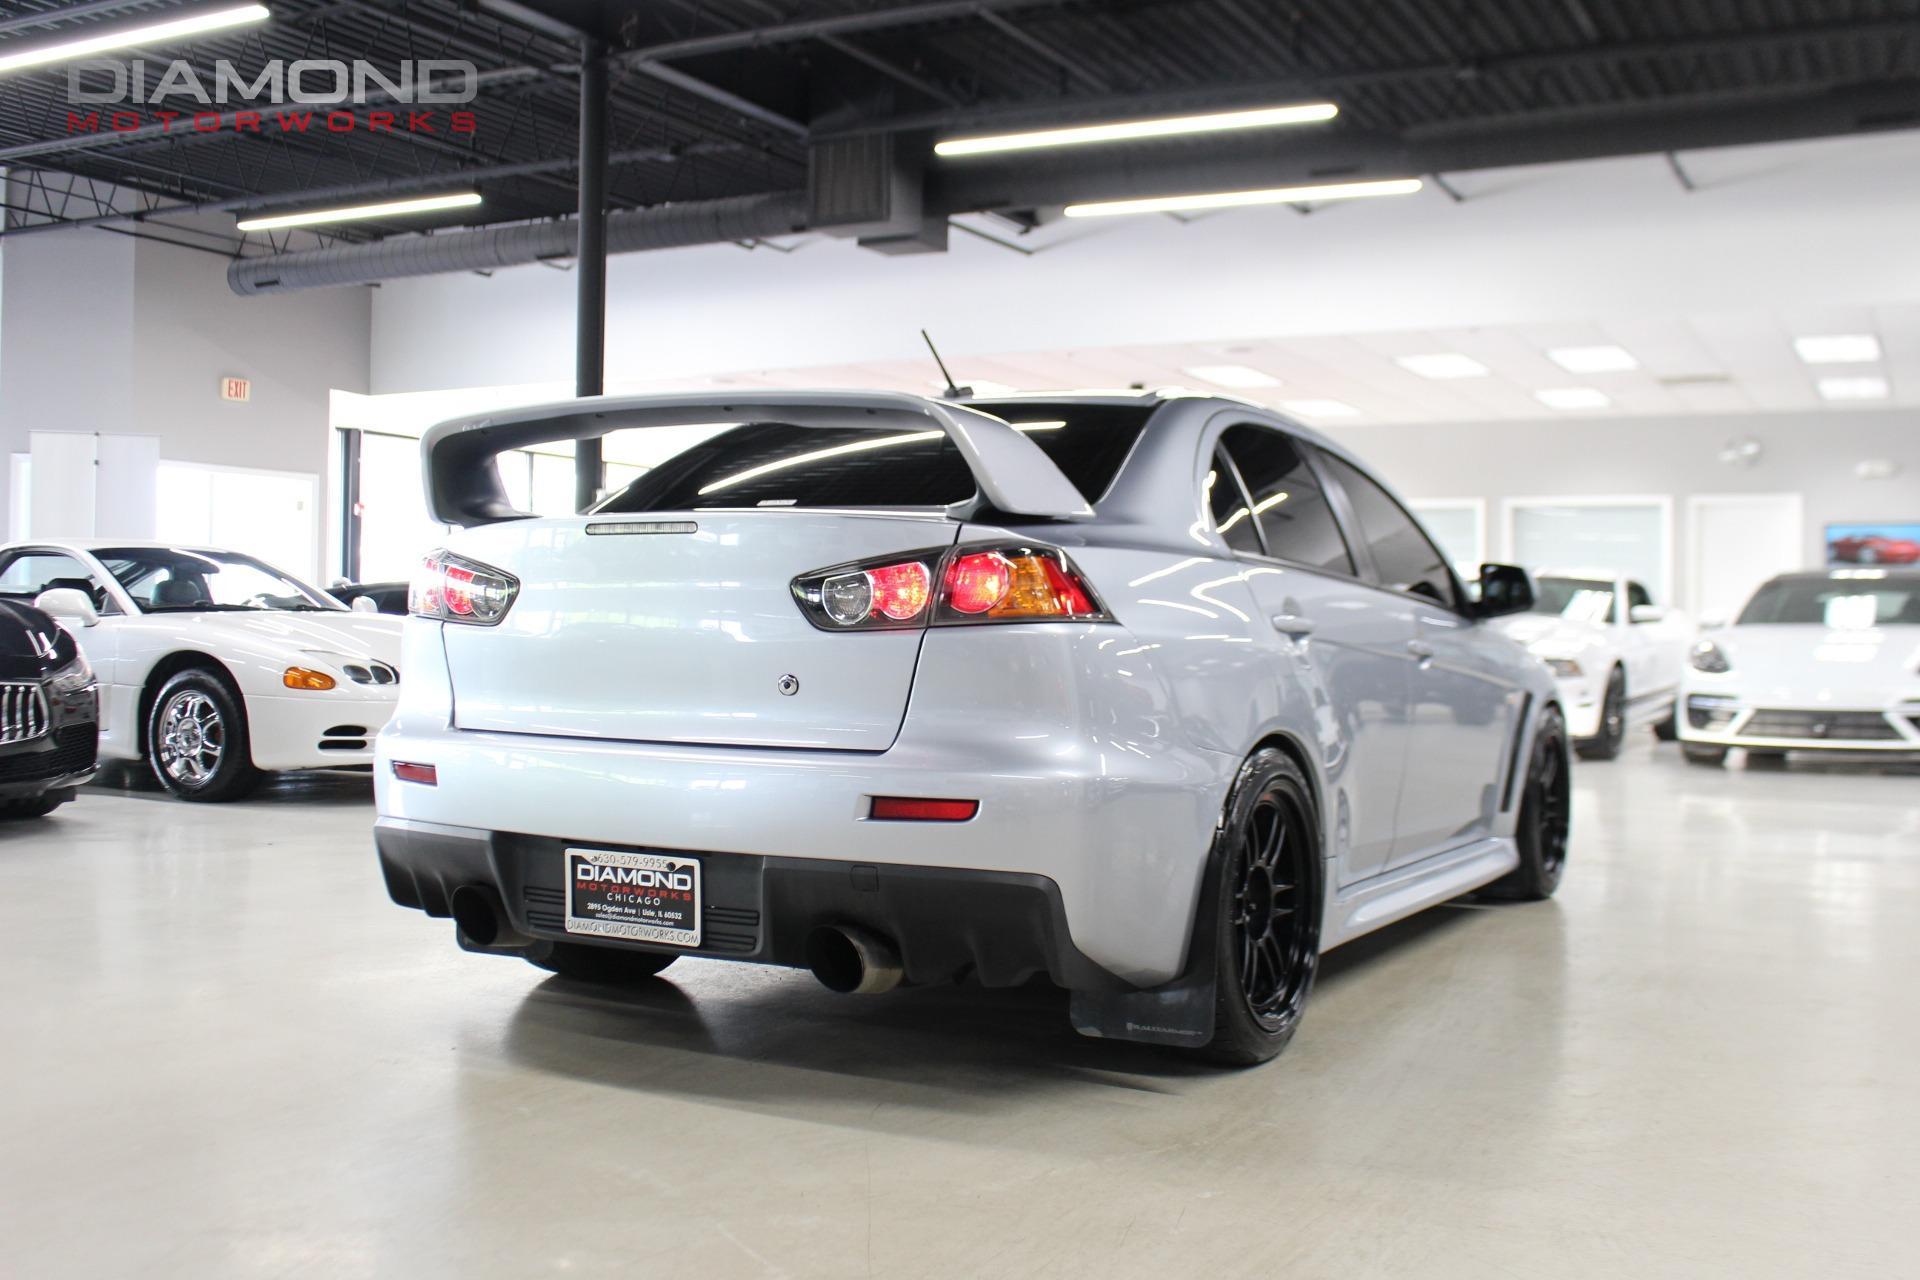 Used-2013-Mitsubishi-Lancer-Evolution-GSR